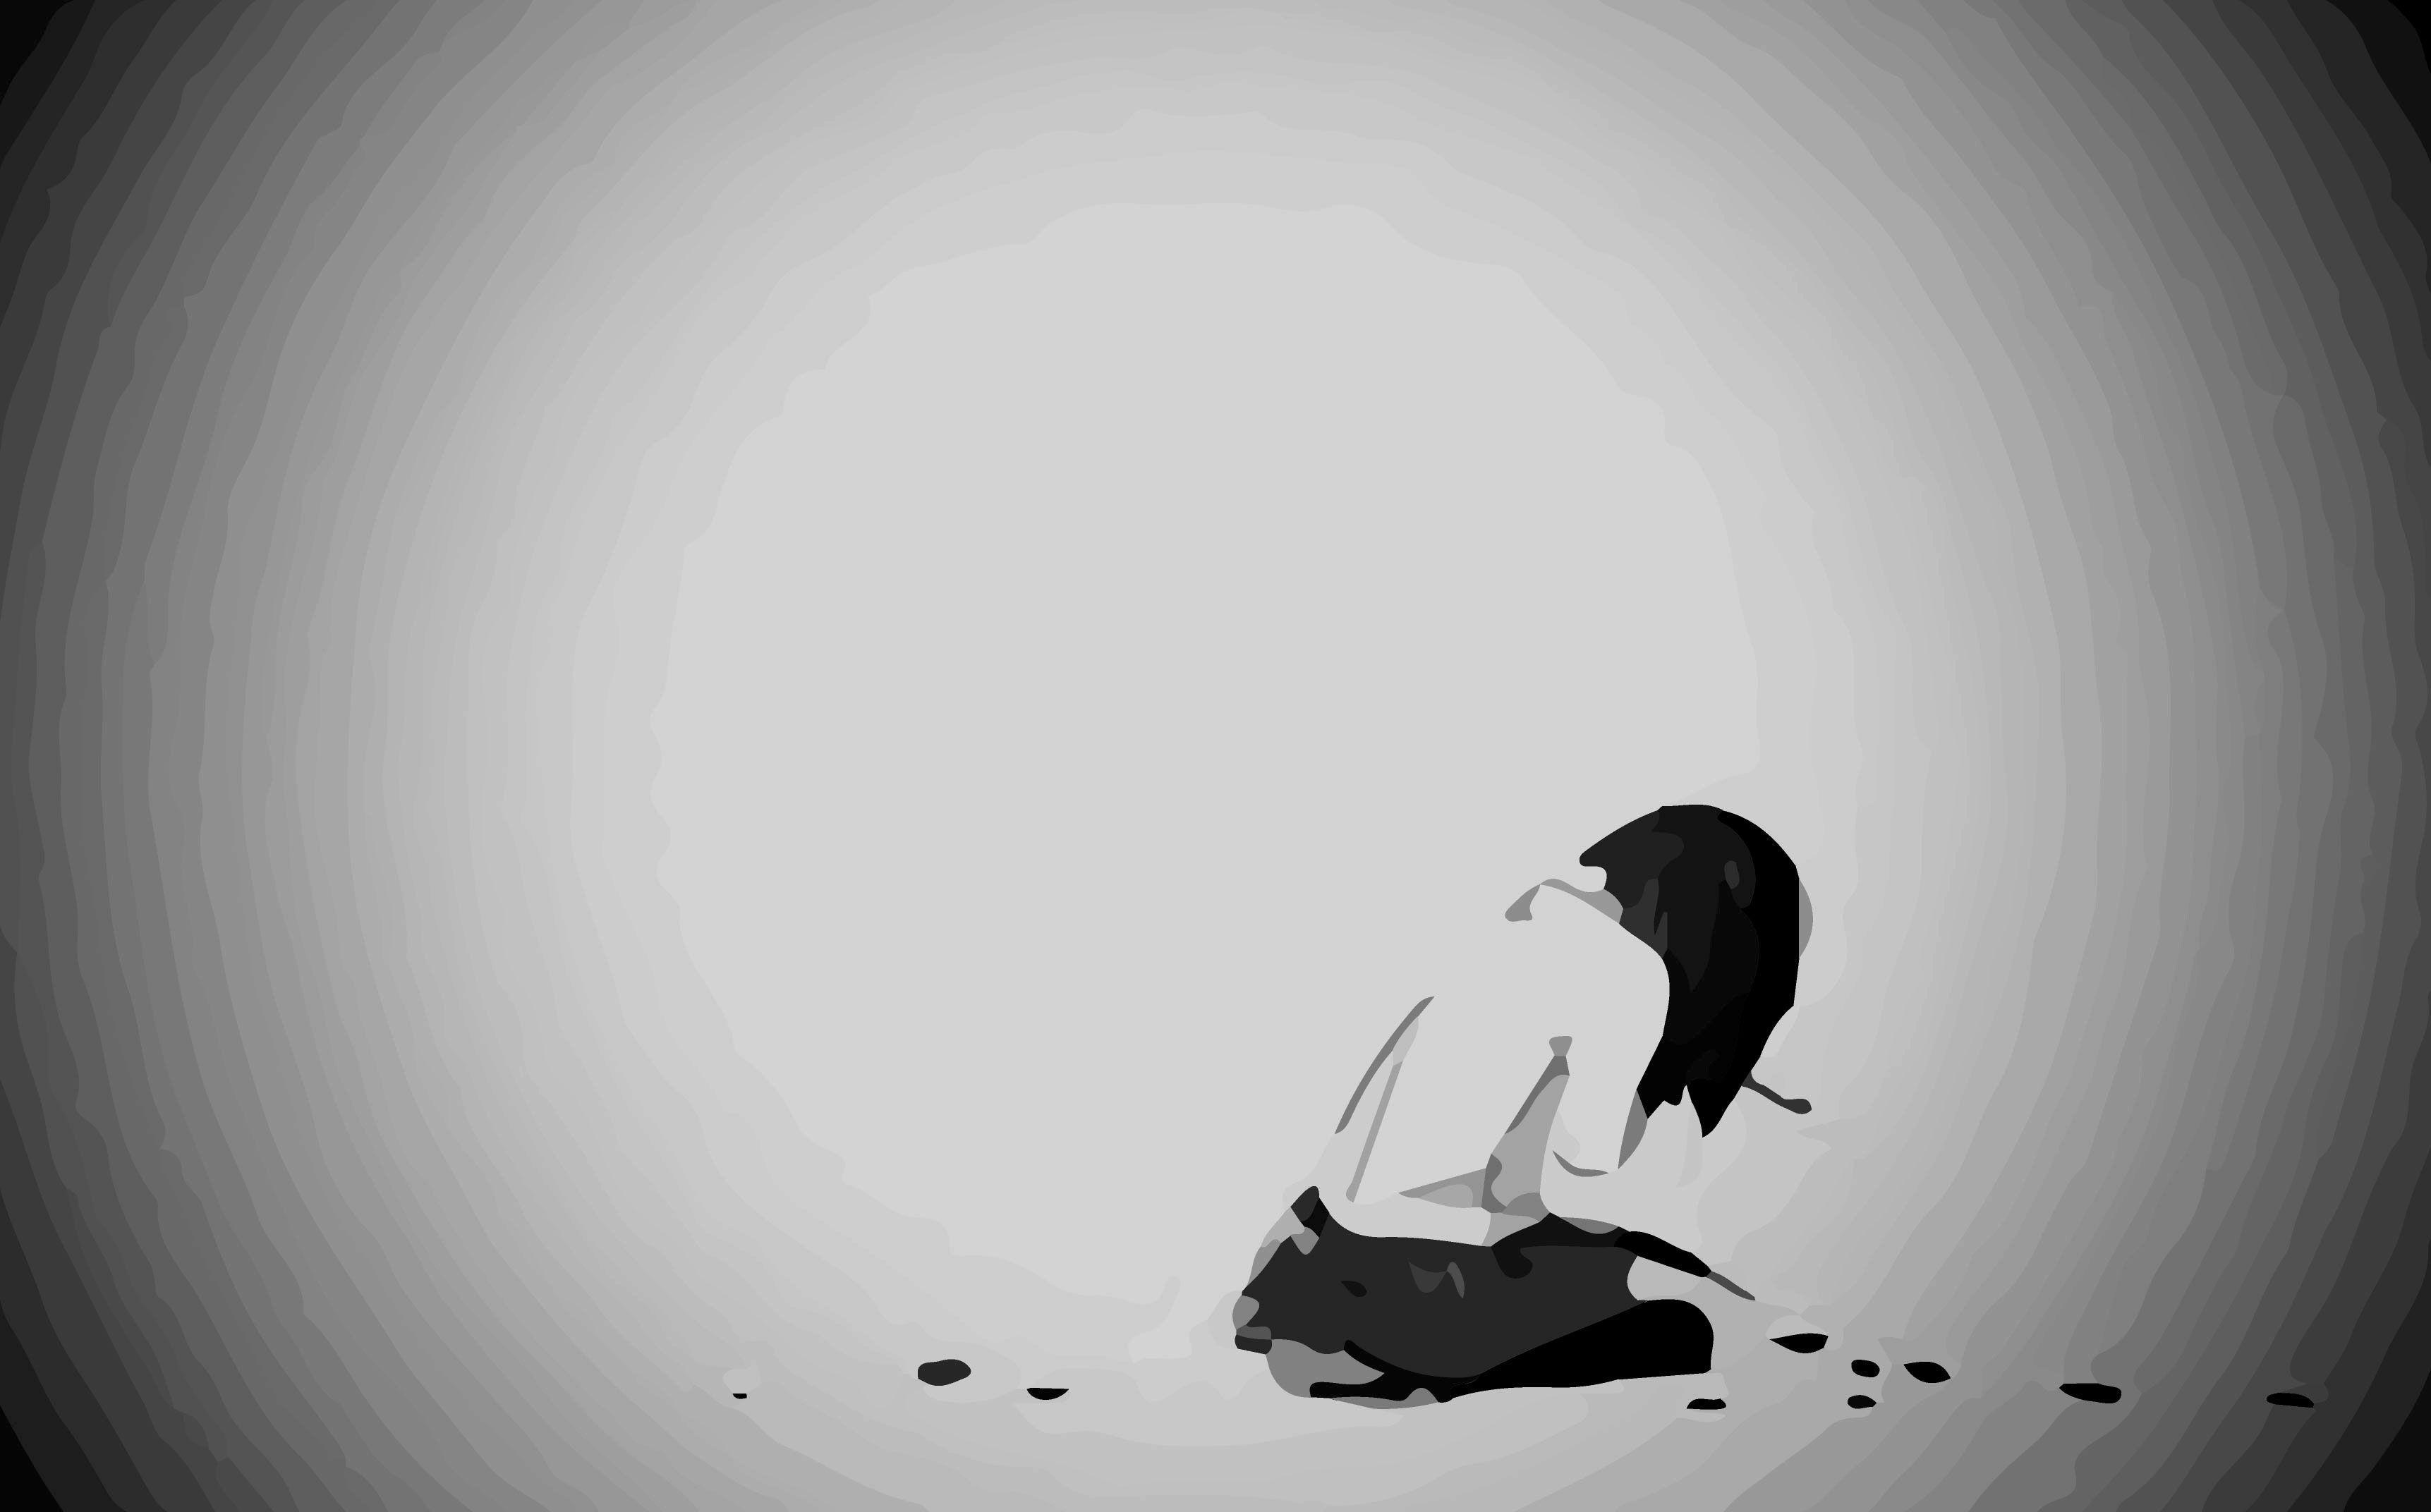 Sad anime girl wallpapers wallpaper cave